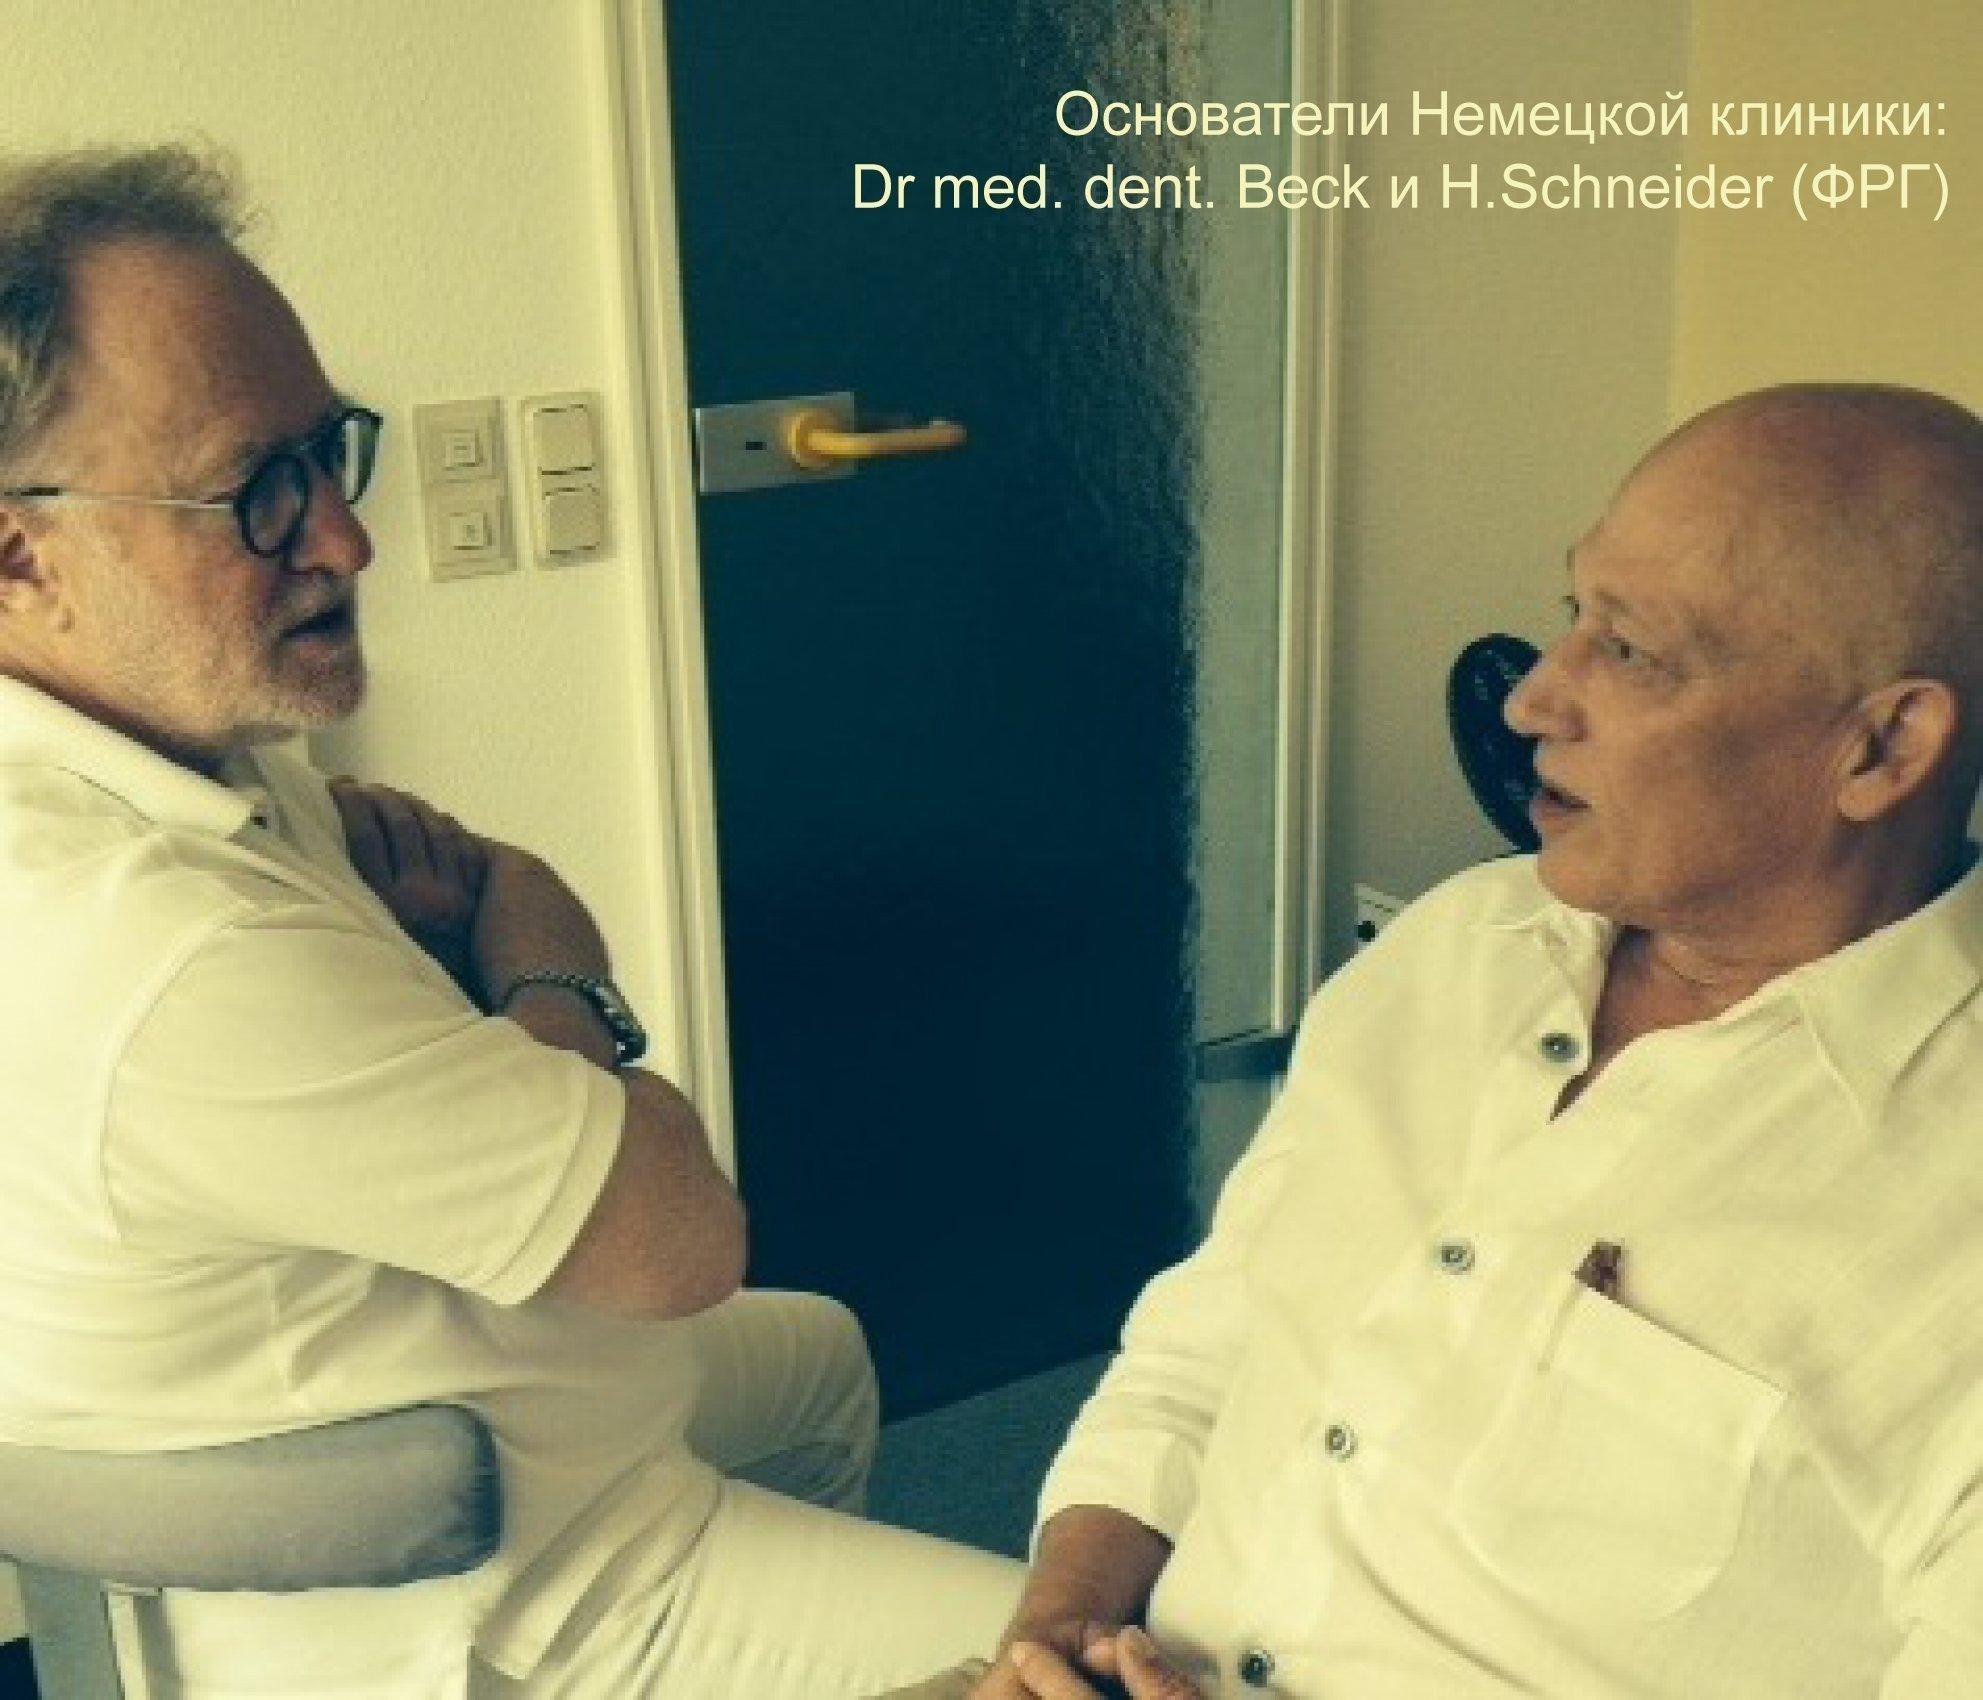 Лор отделение курской областной больницы врачи